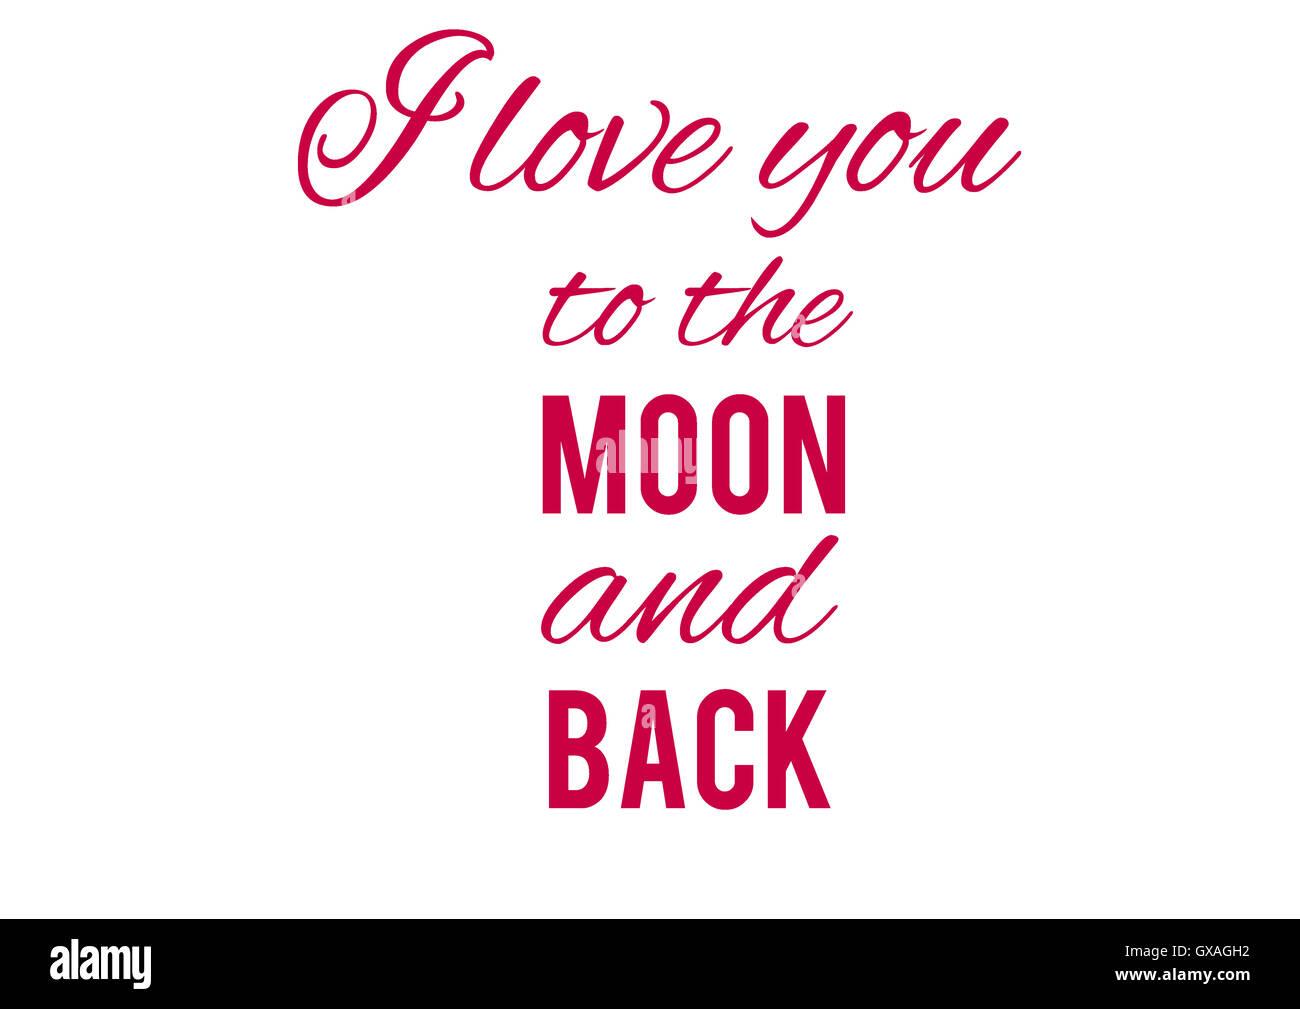 Te amo a la luna y volver, fondos, texturas, motivación, póster, cotizaciones, ilustraciones Imagen De Stock